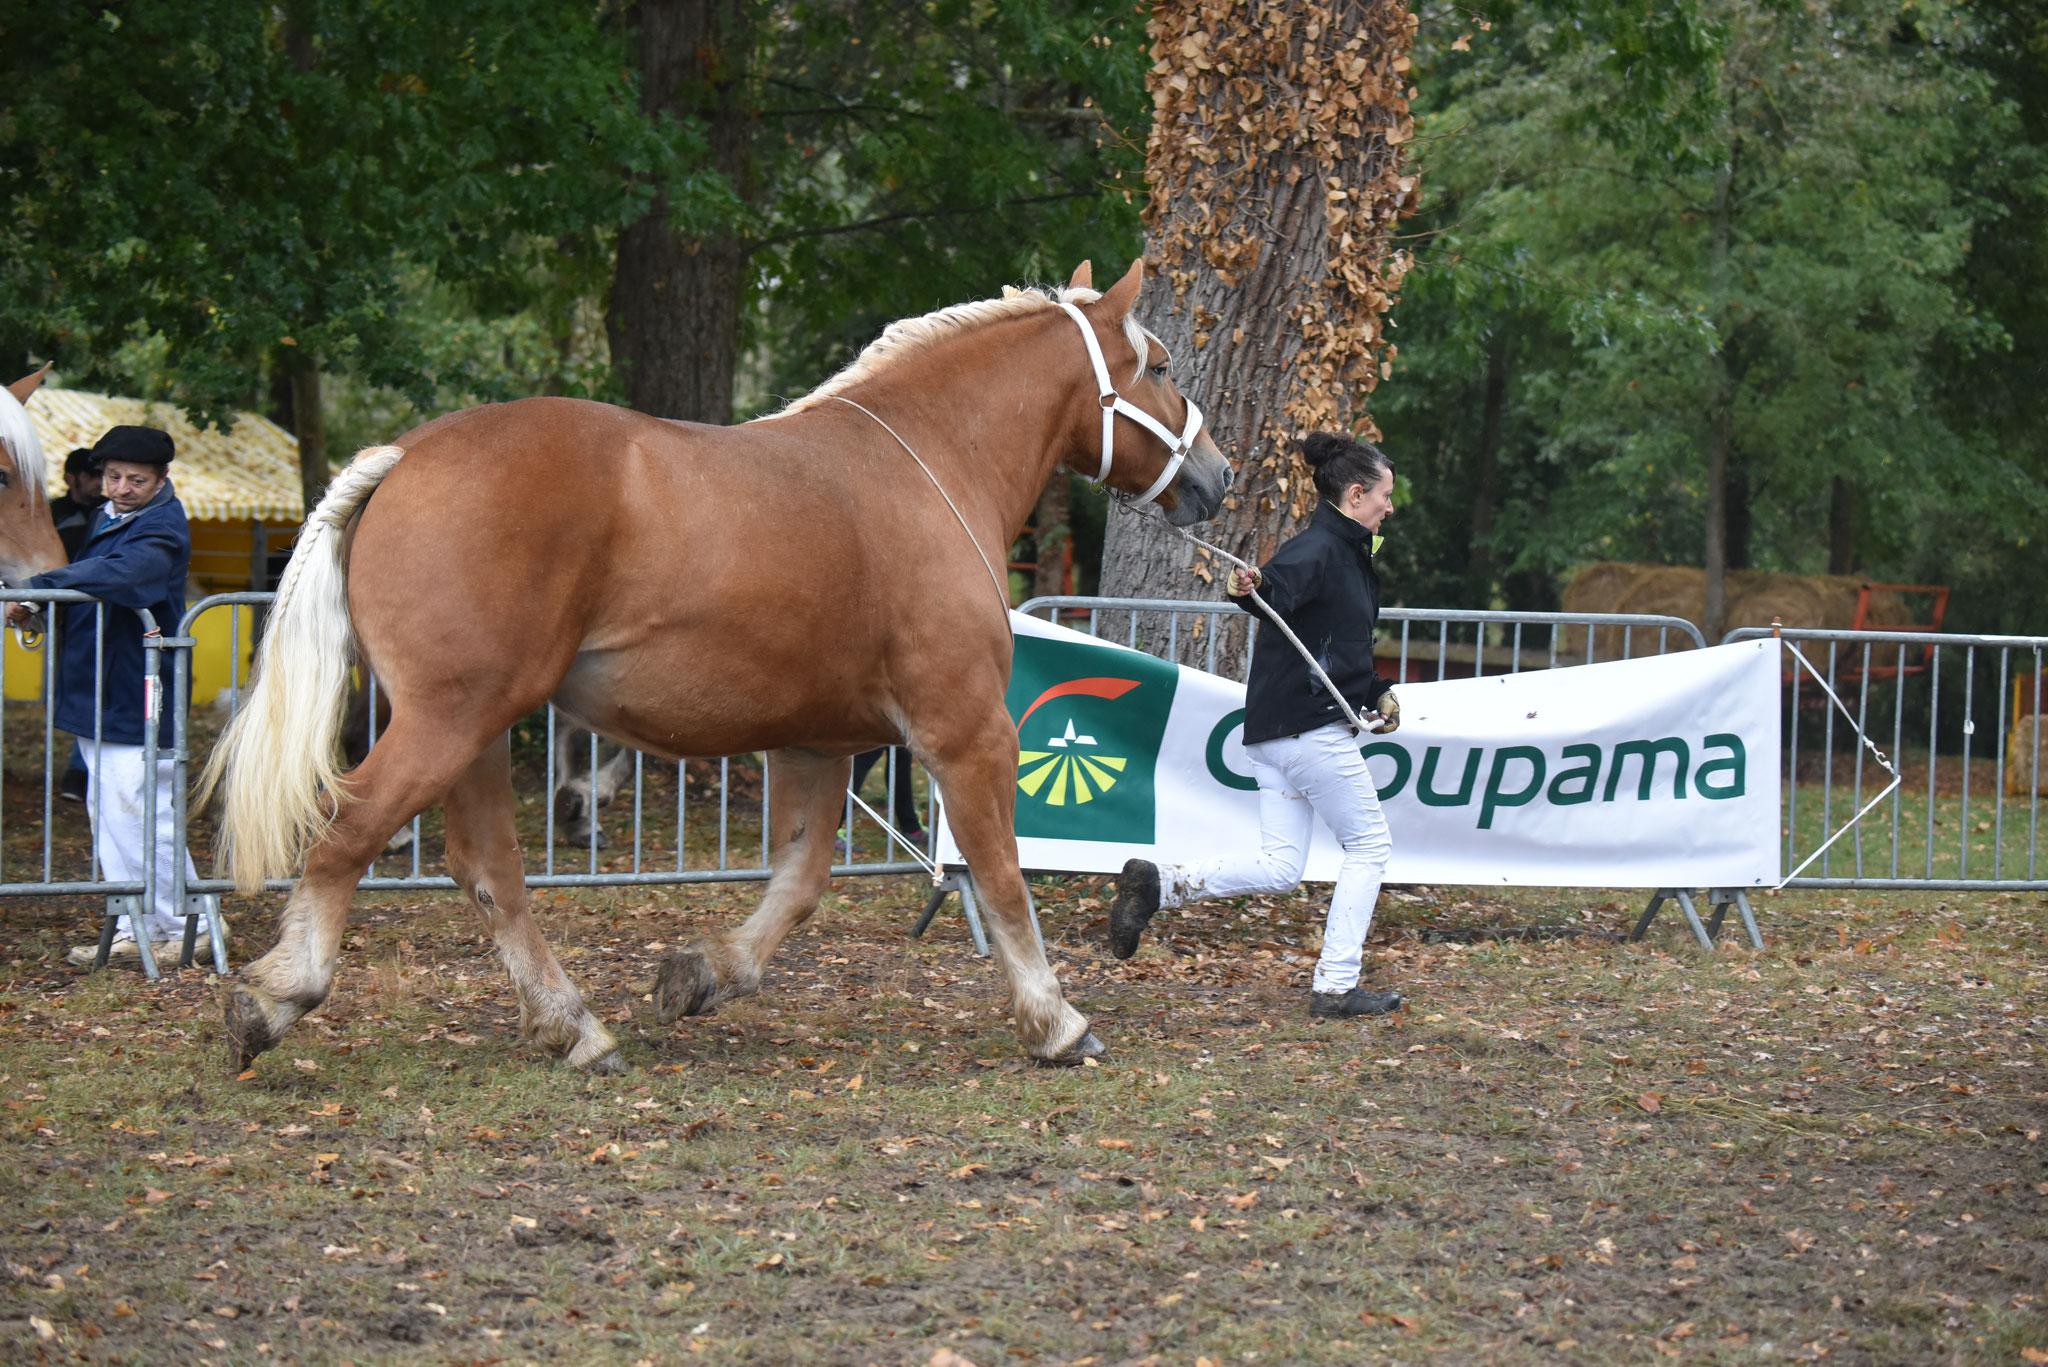 Concours Régional de chevaux de traits en 2017 - Trait COMTOIS - ETOILE 90 - 57